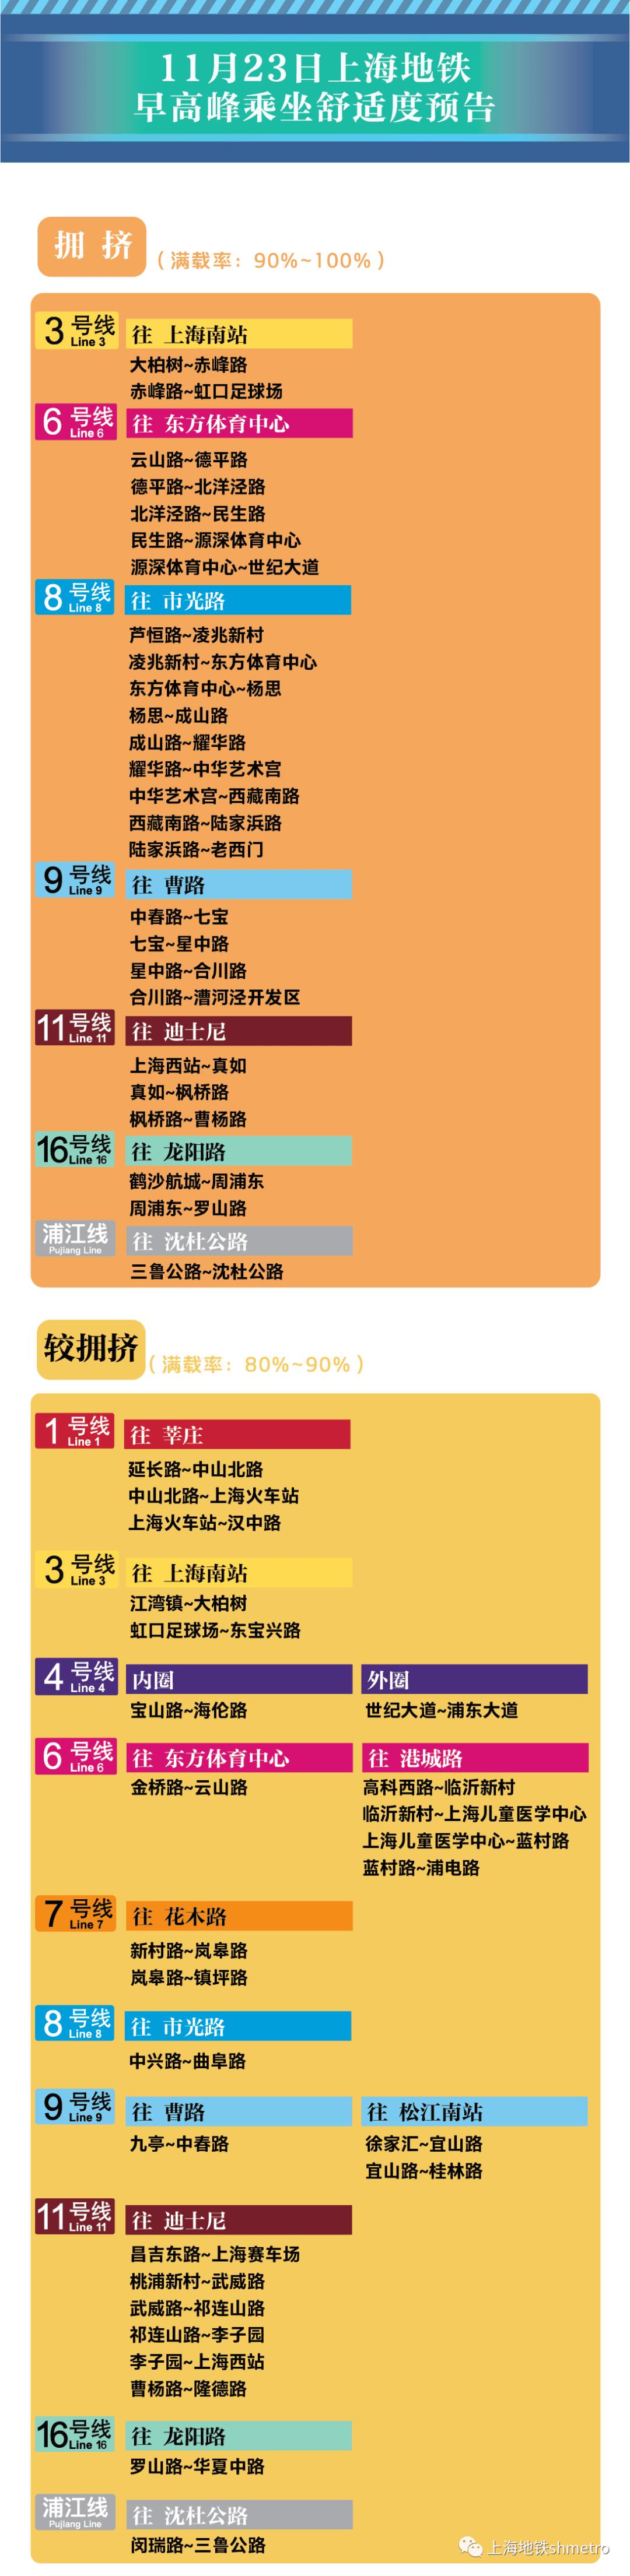 《【天游平台官网注册】【11月23日早高峰限流&乘坐舒适度预告】12座地铁站计划限流》